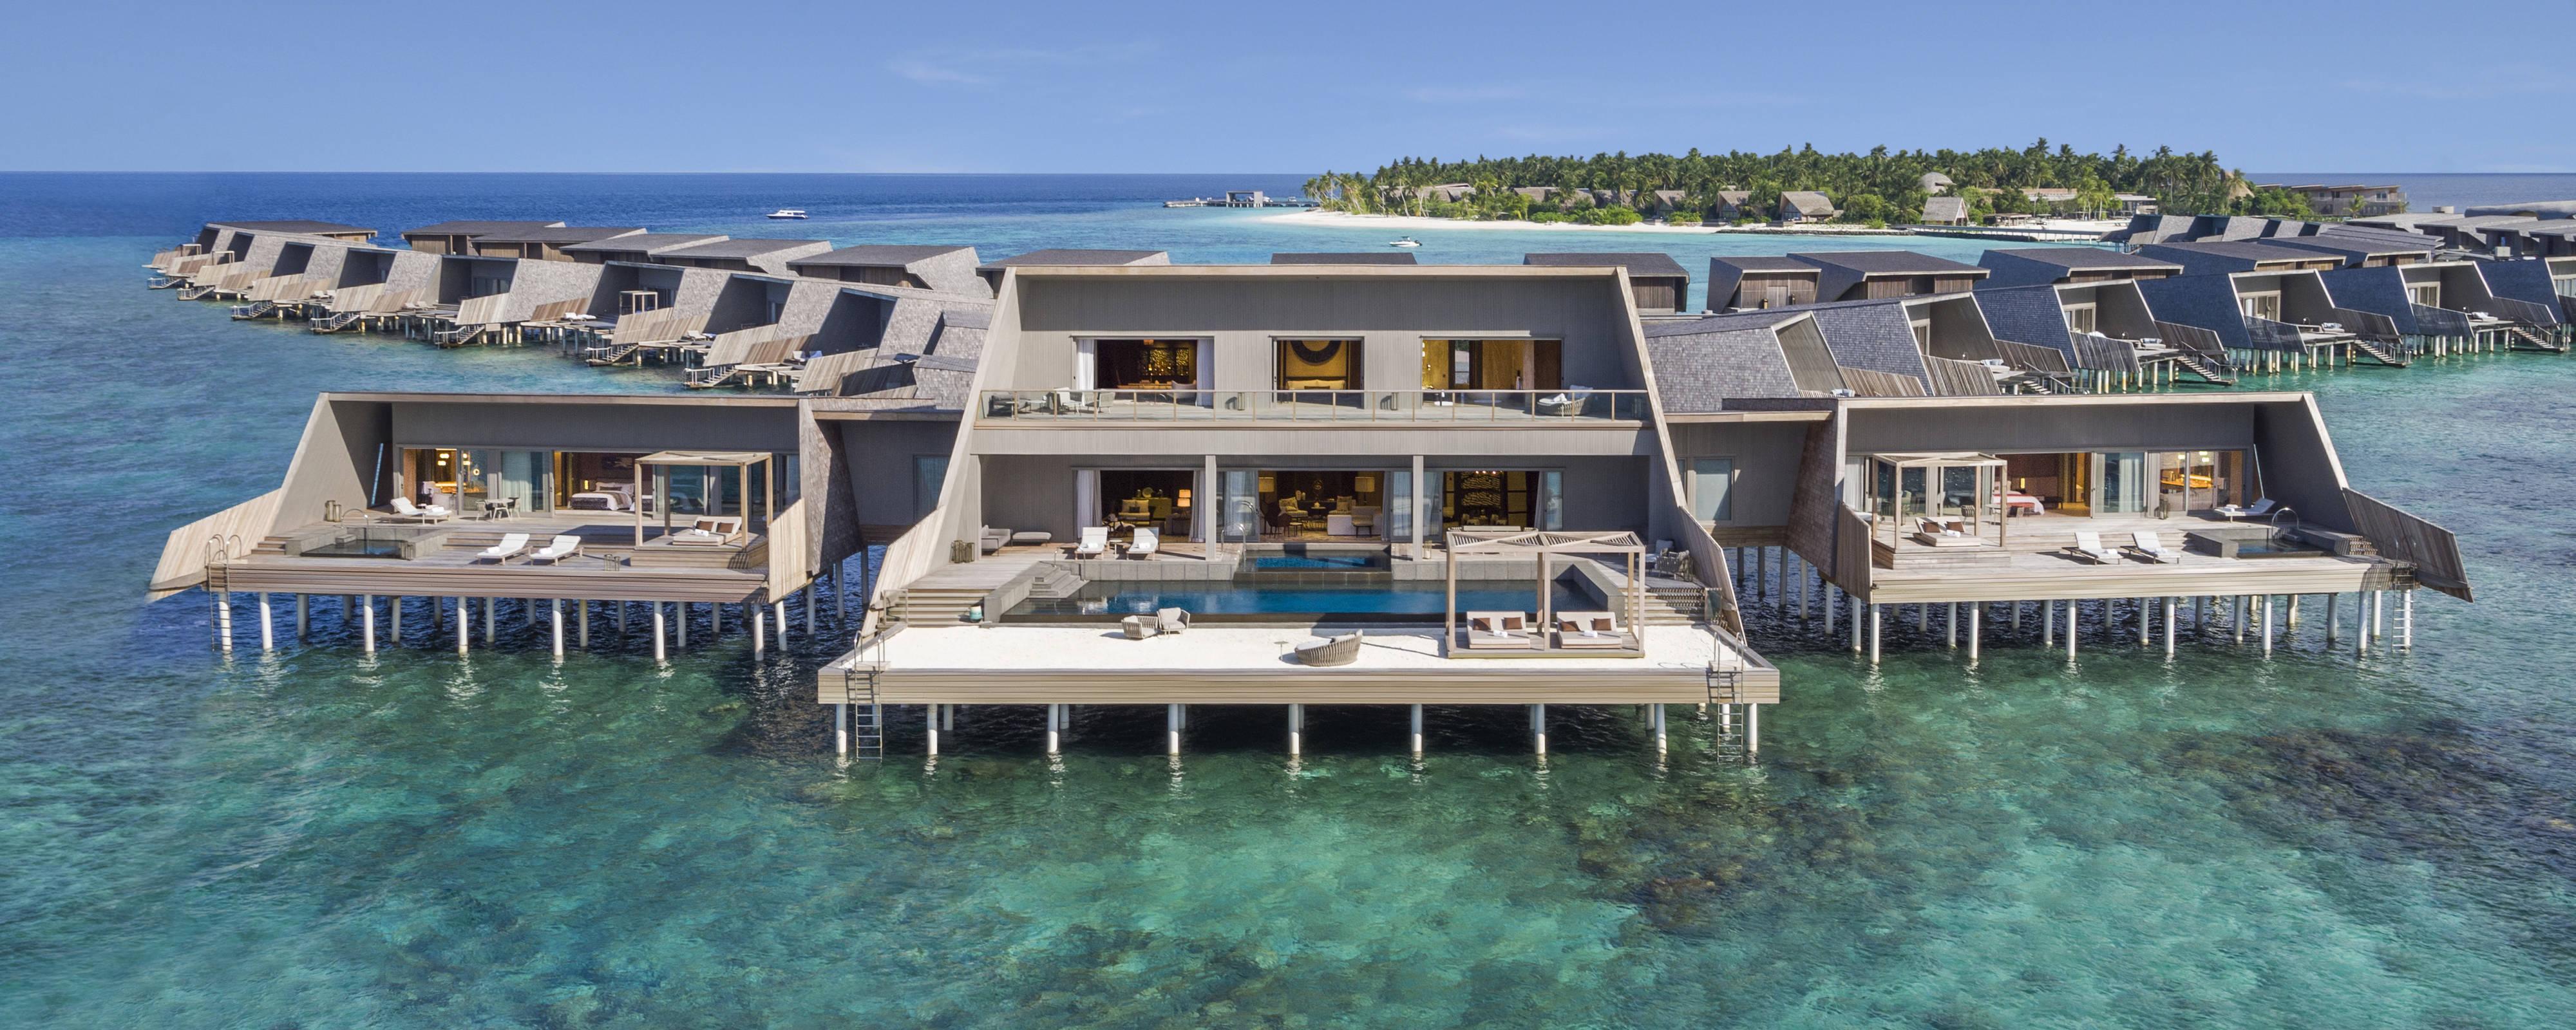 Maldive St. Regis